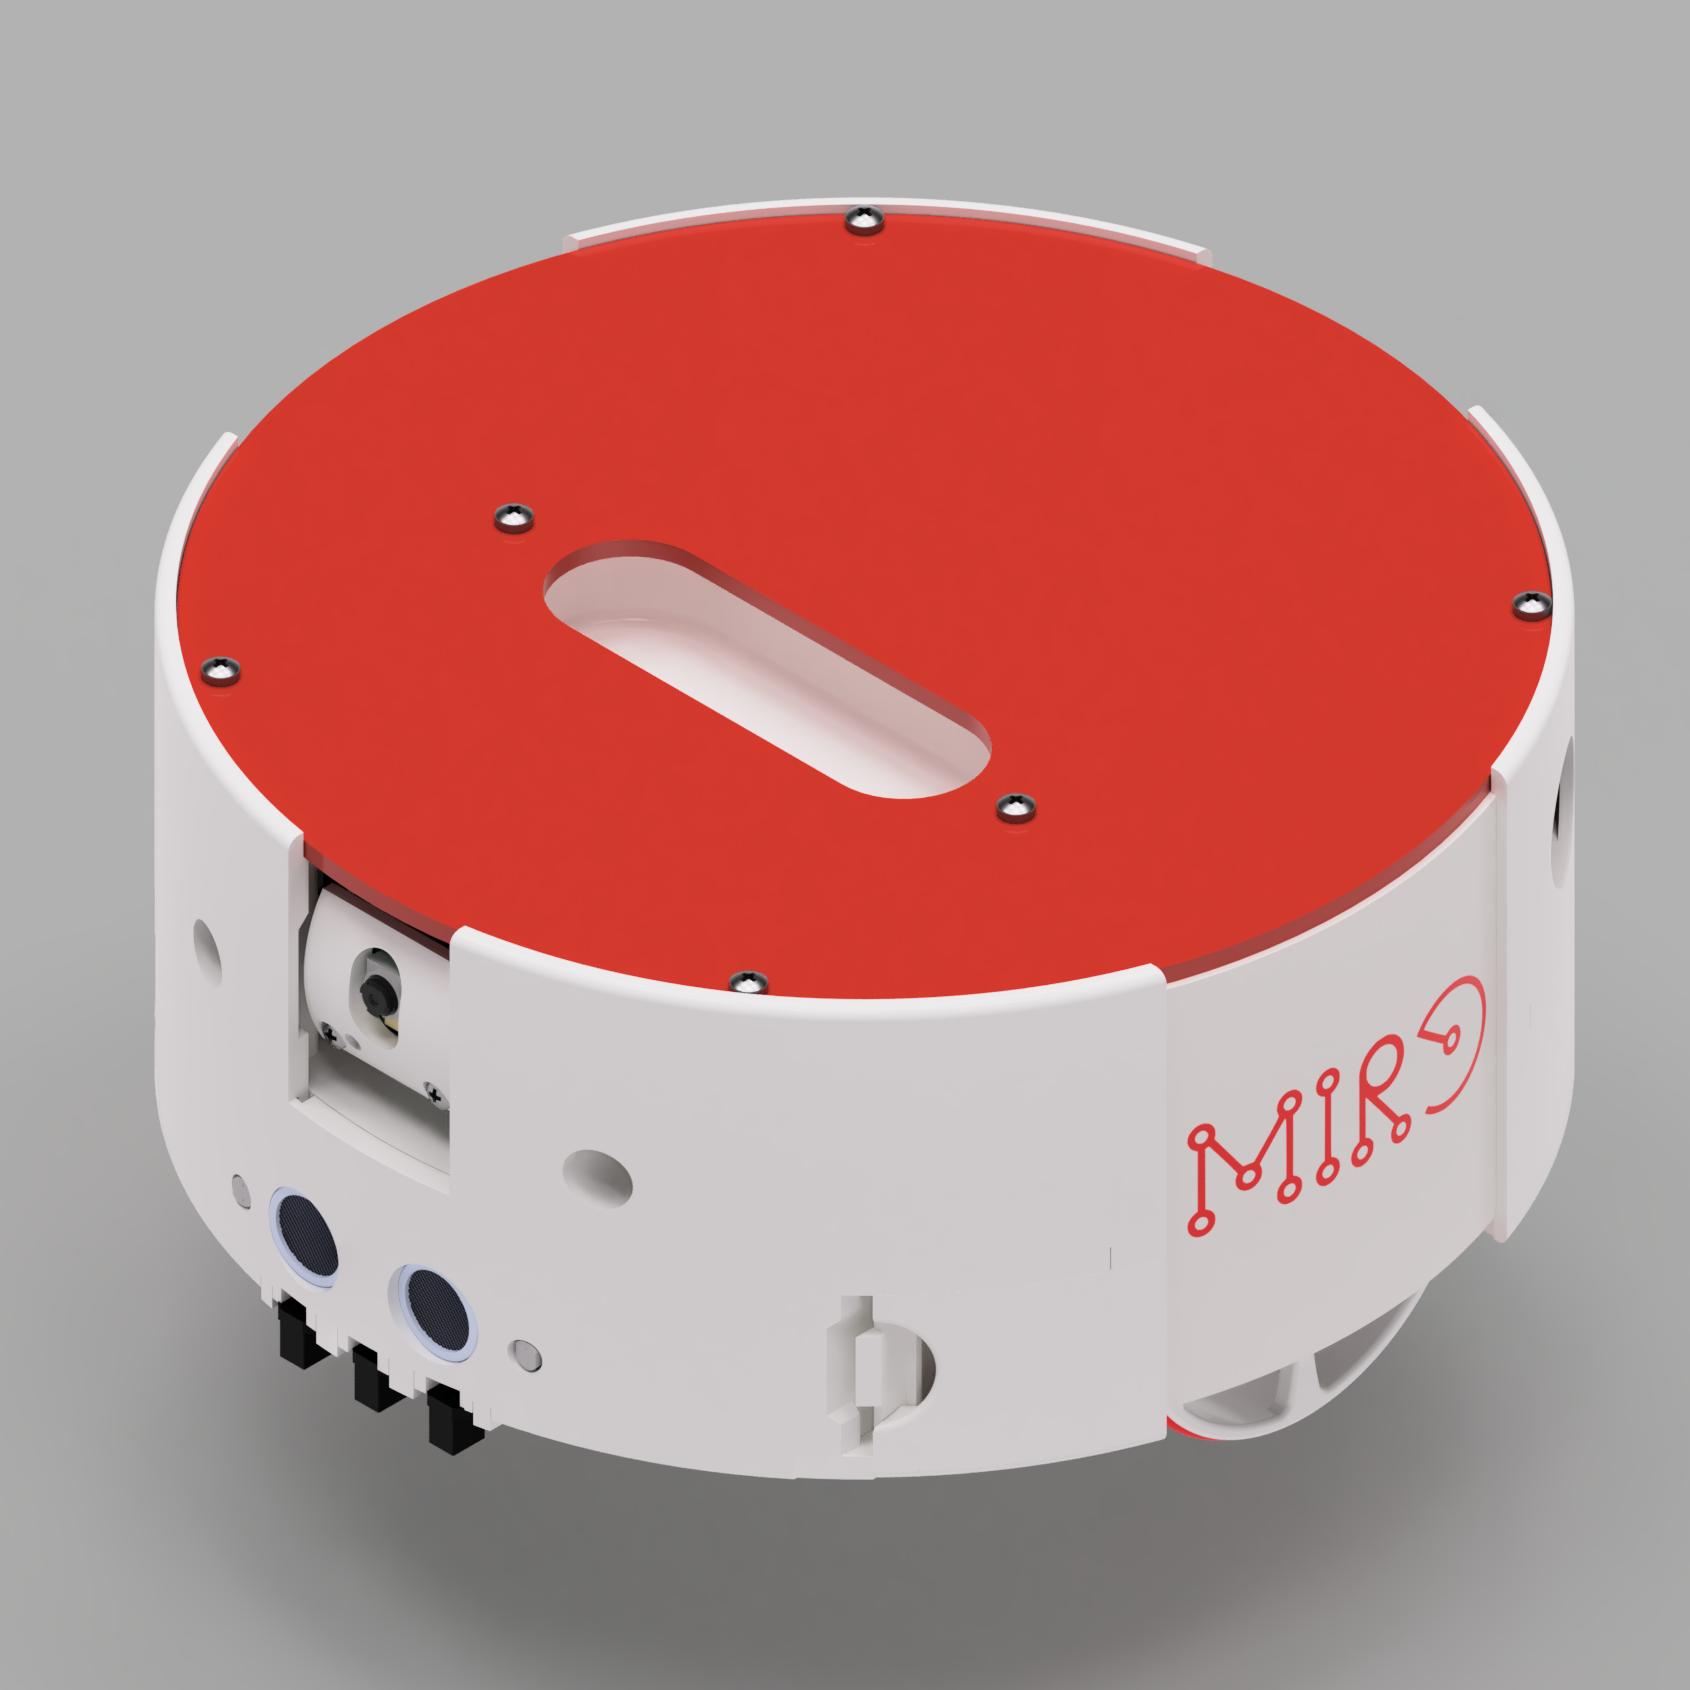 [Из песочницы] MIRO — открытая платформа indoor-робота